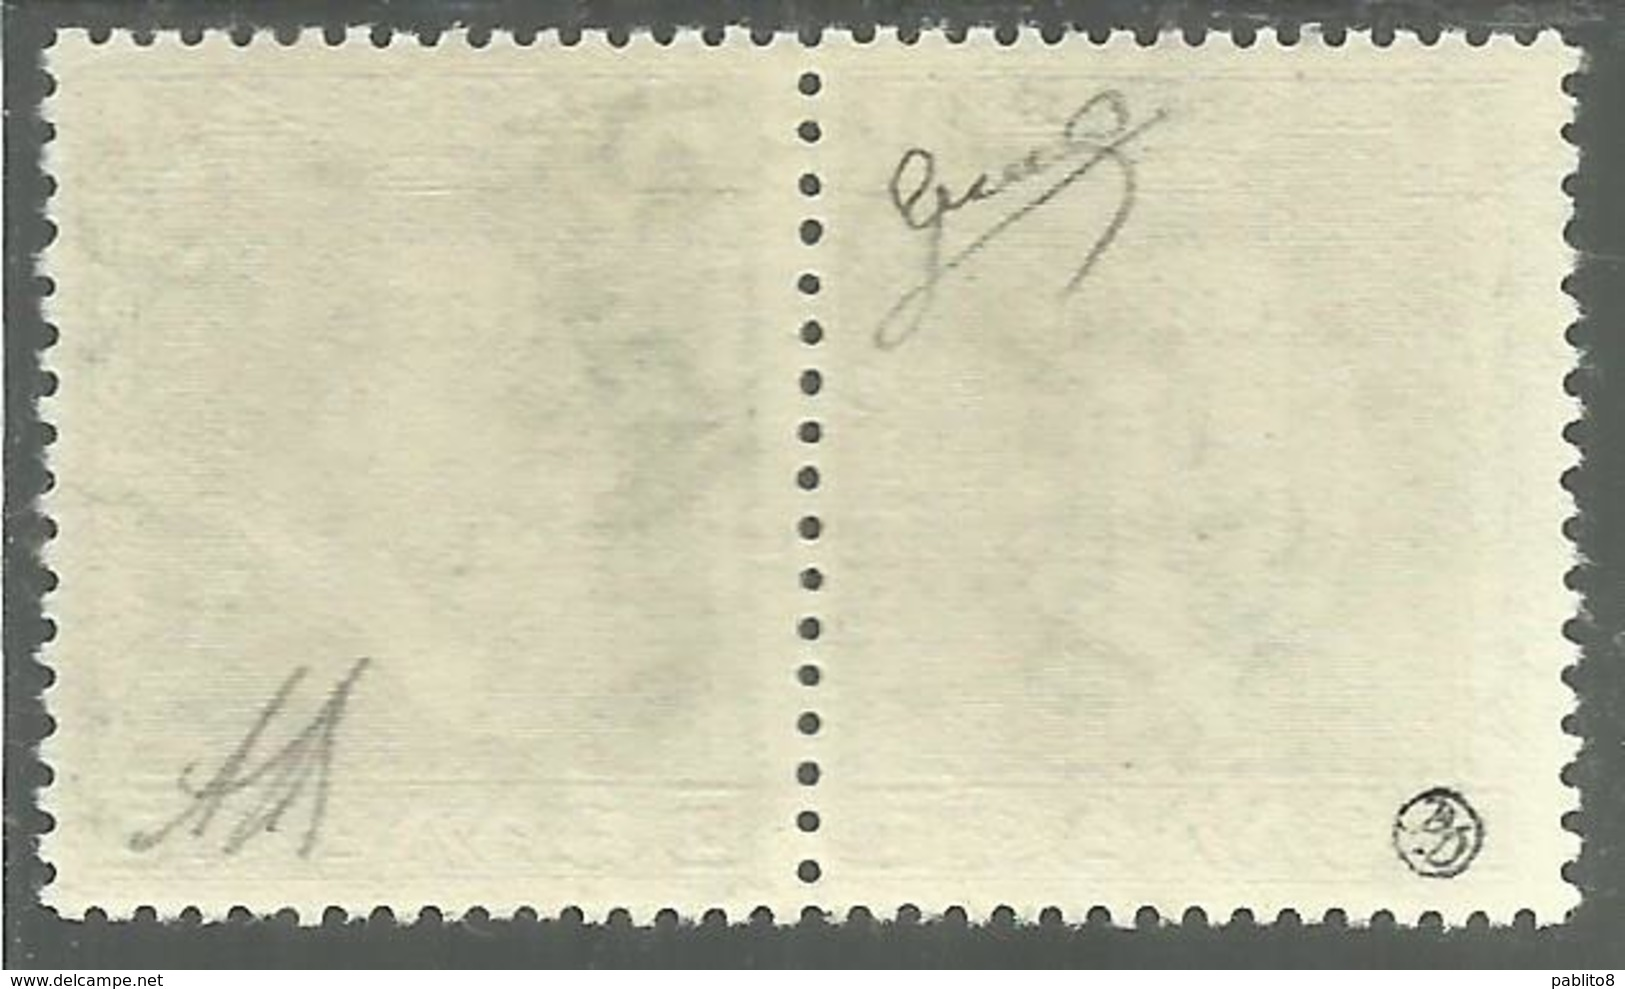 OCCUPAZIONE ITALIANA CEFALONIA E ITACA KEFALONIA ITHACA 1941 KING GEORGE II RE GIORGIO ARGOSTOLI 1 + 1 D MNH CERTIFICATO - 9. Occupazione 2a Guerra (Italia)